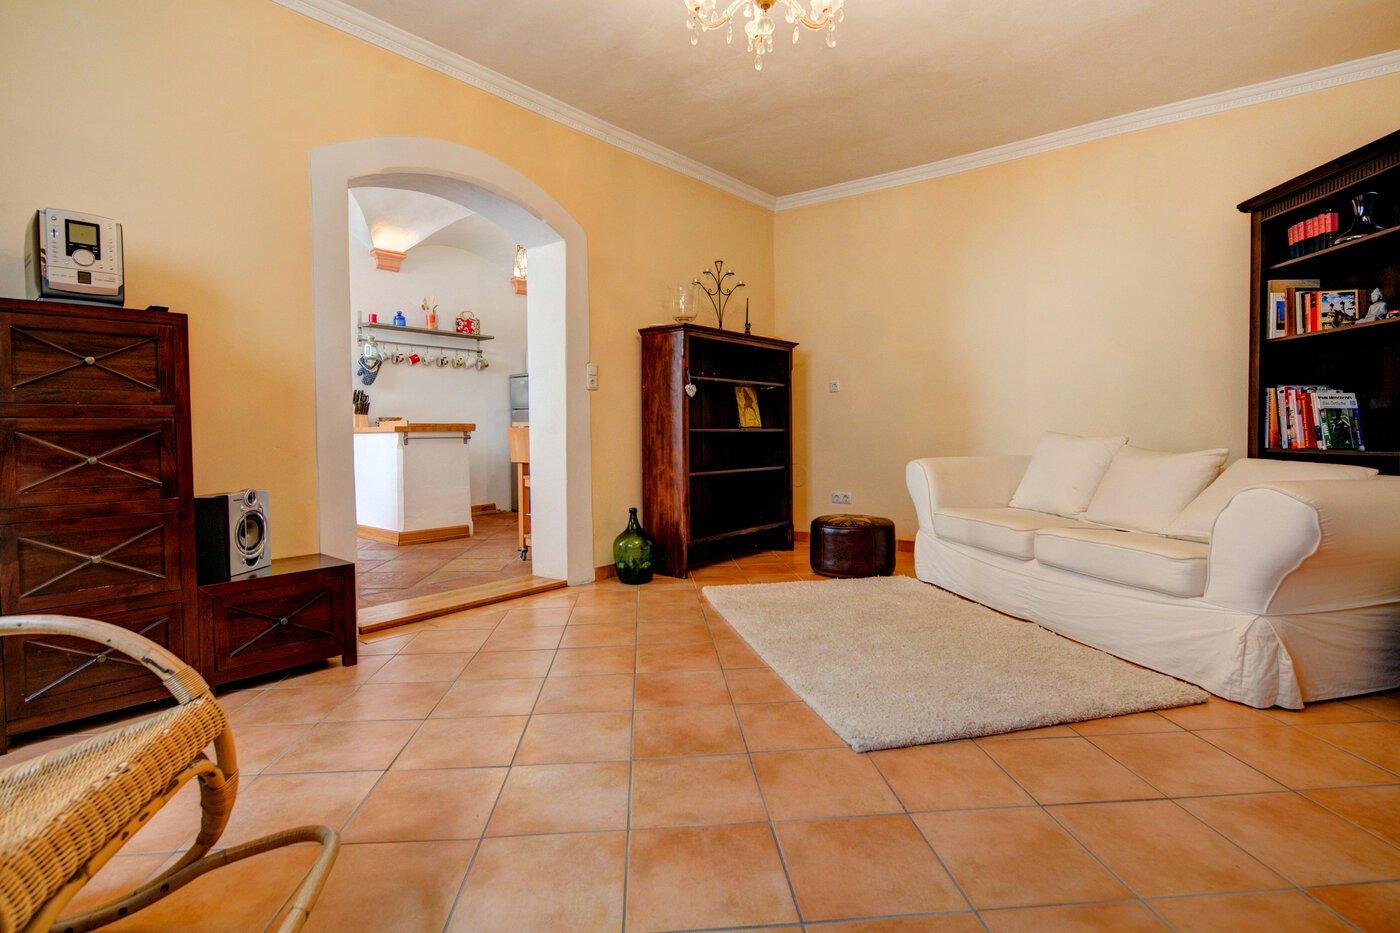 2 camere appartamento seminterrato ammobiliato for Appartamento di efficienza seminterrato